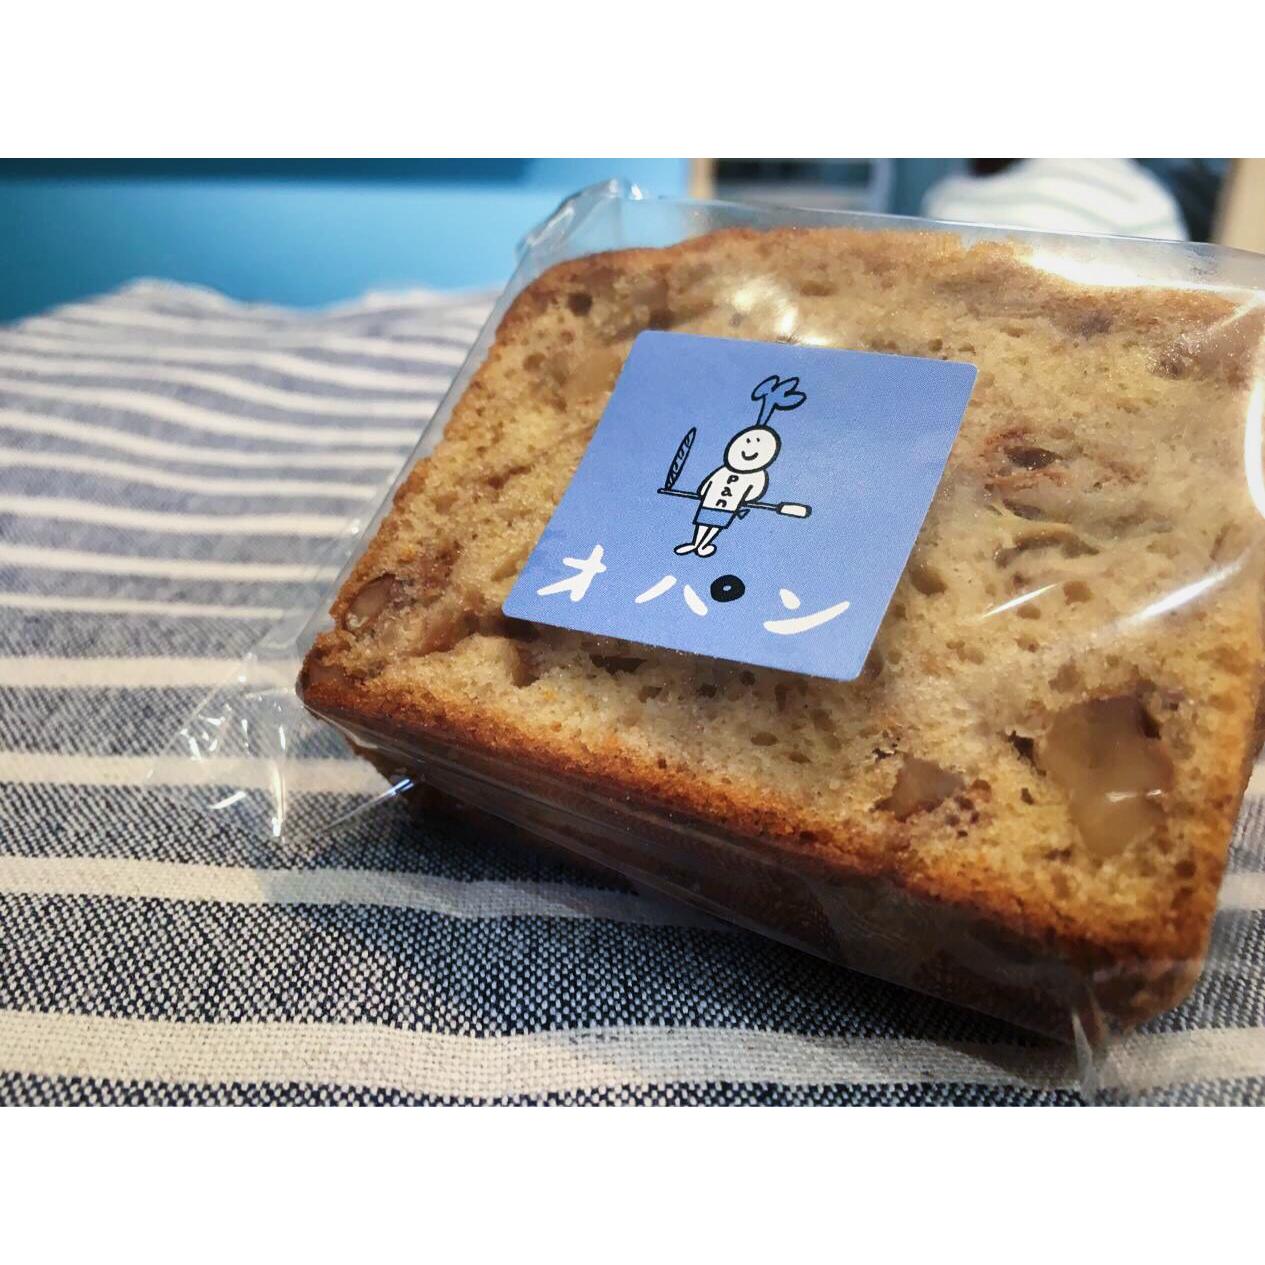 オパンのバナナブレット | OPAN オパン|東京 笹塚のパン屋